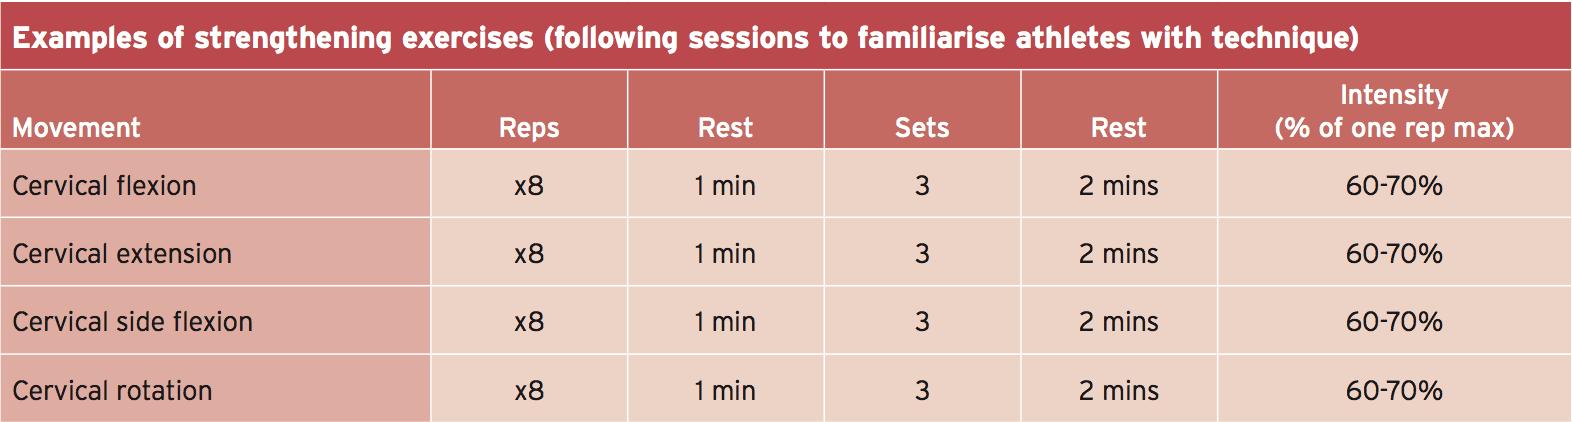 ejemplos de ejercicios de fortalecimiento